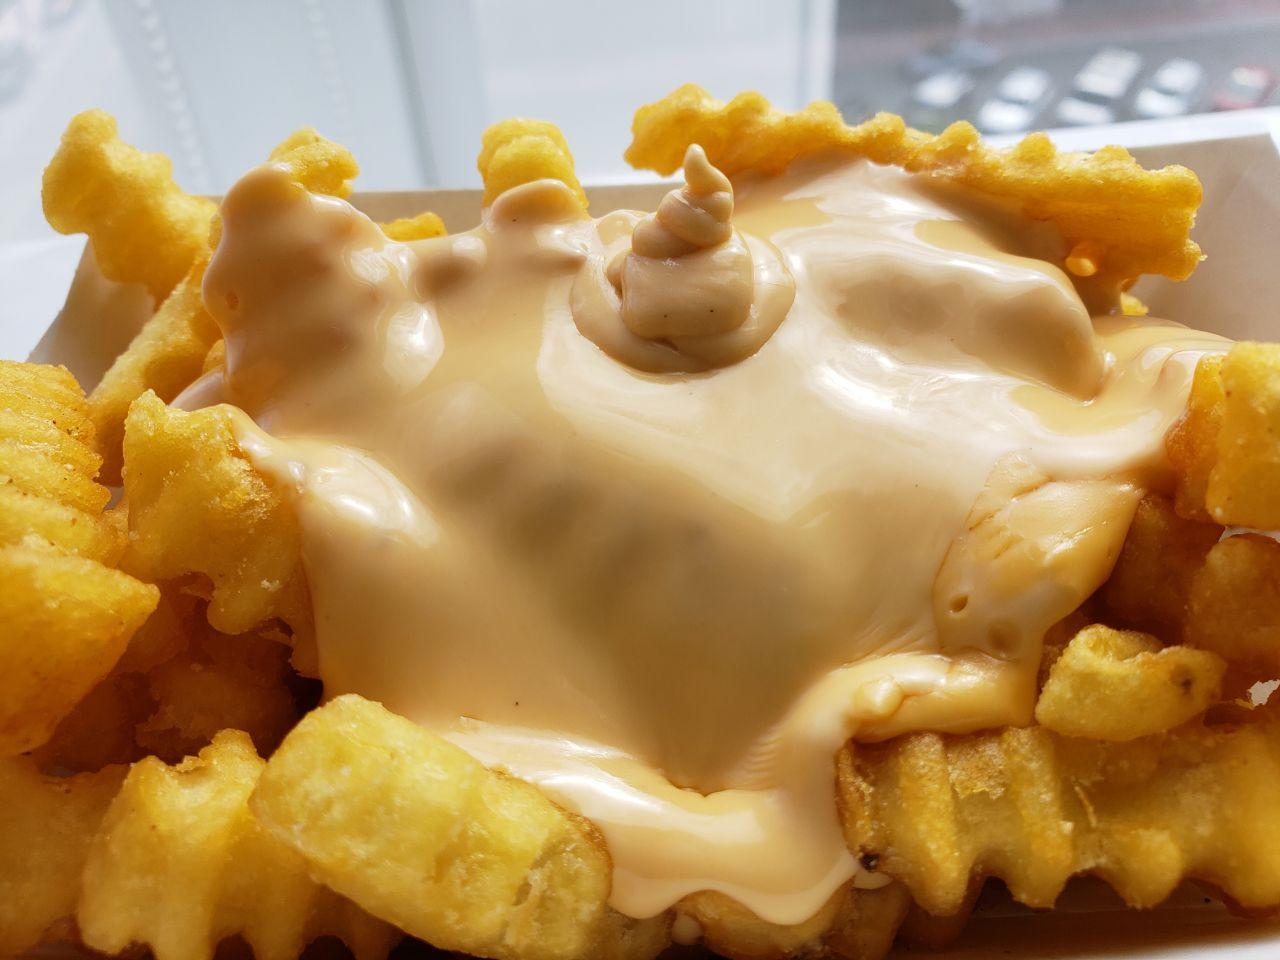 Papas fritas cubiertas con queso cheddar y american cheese: 710 calorías